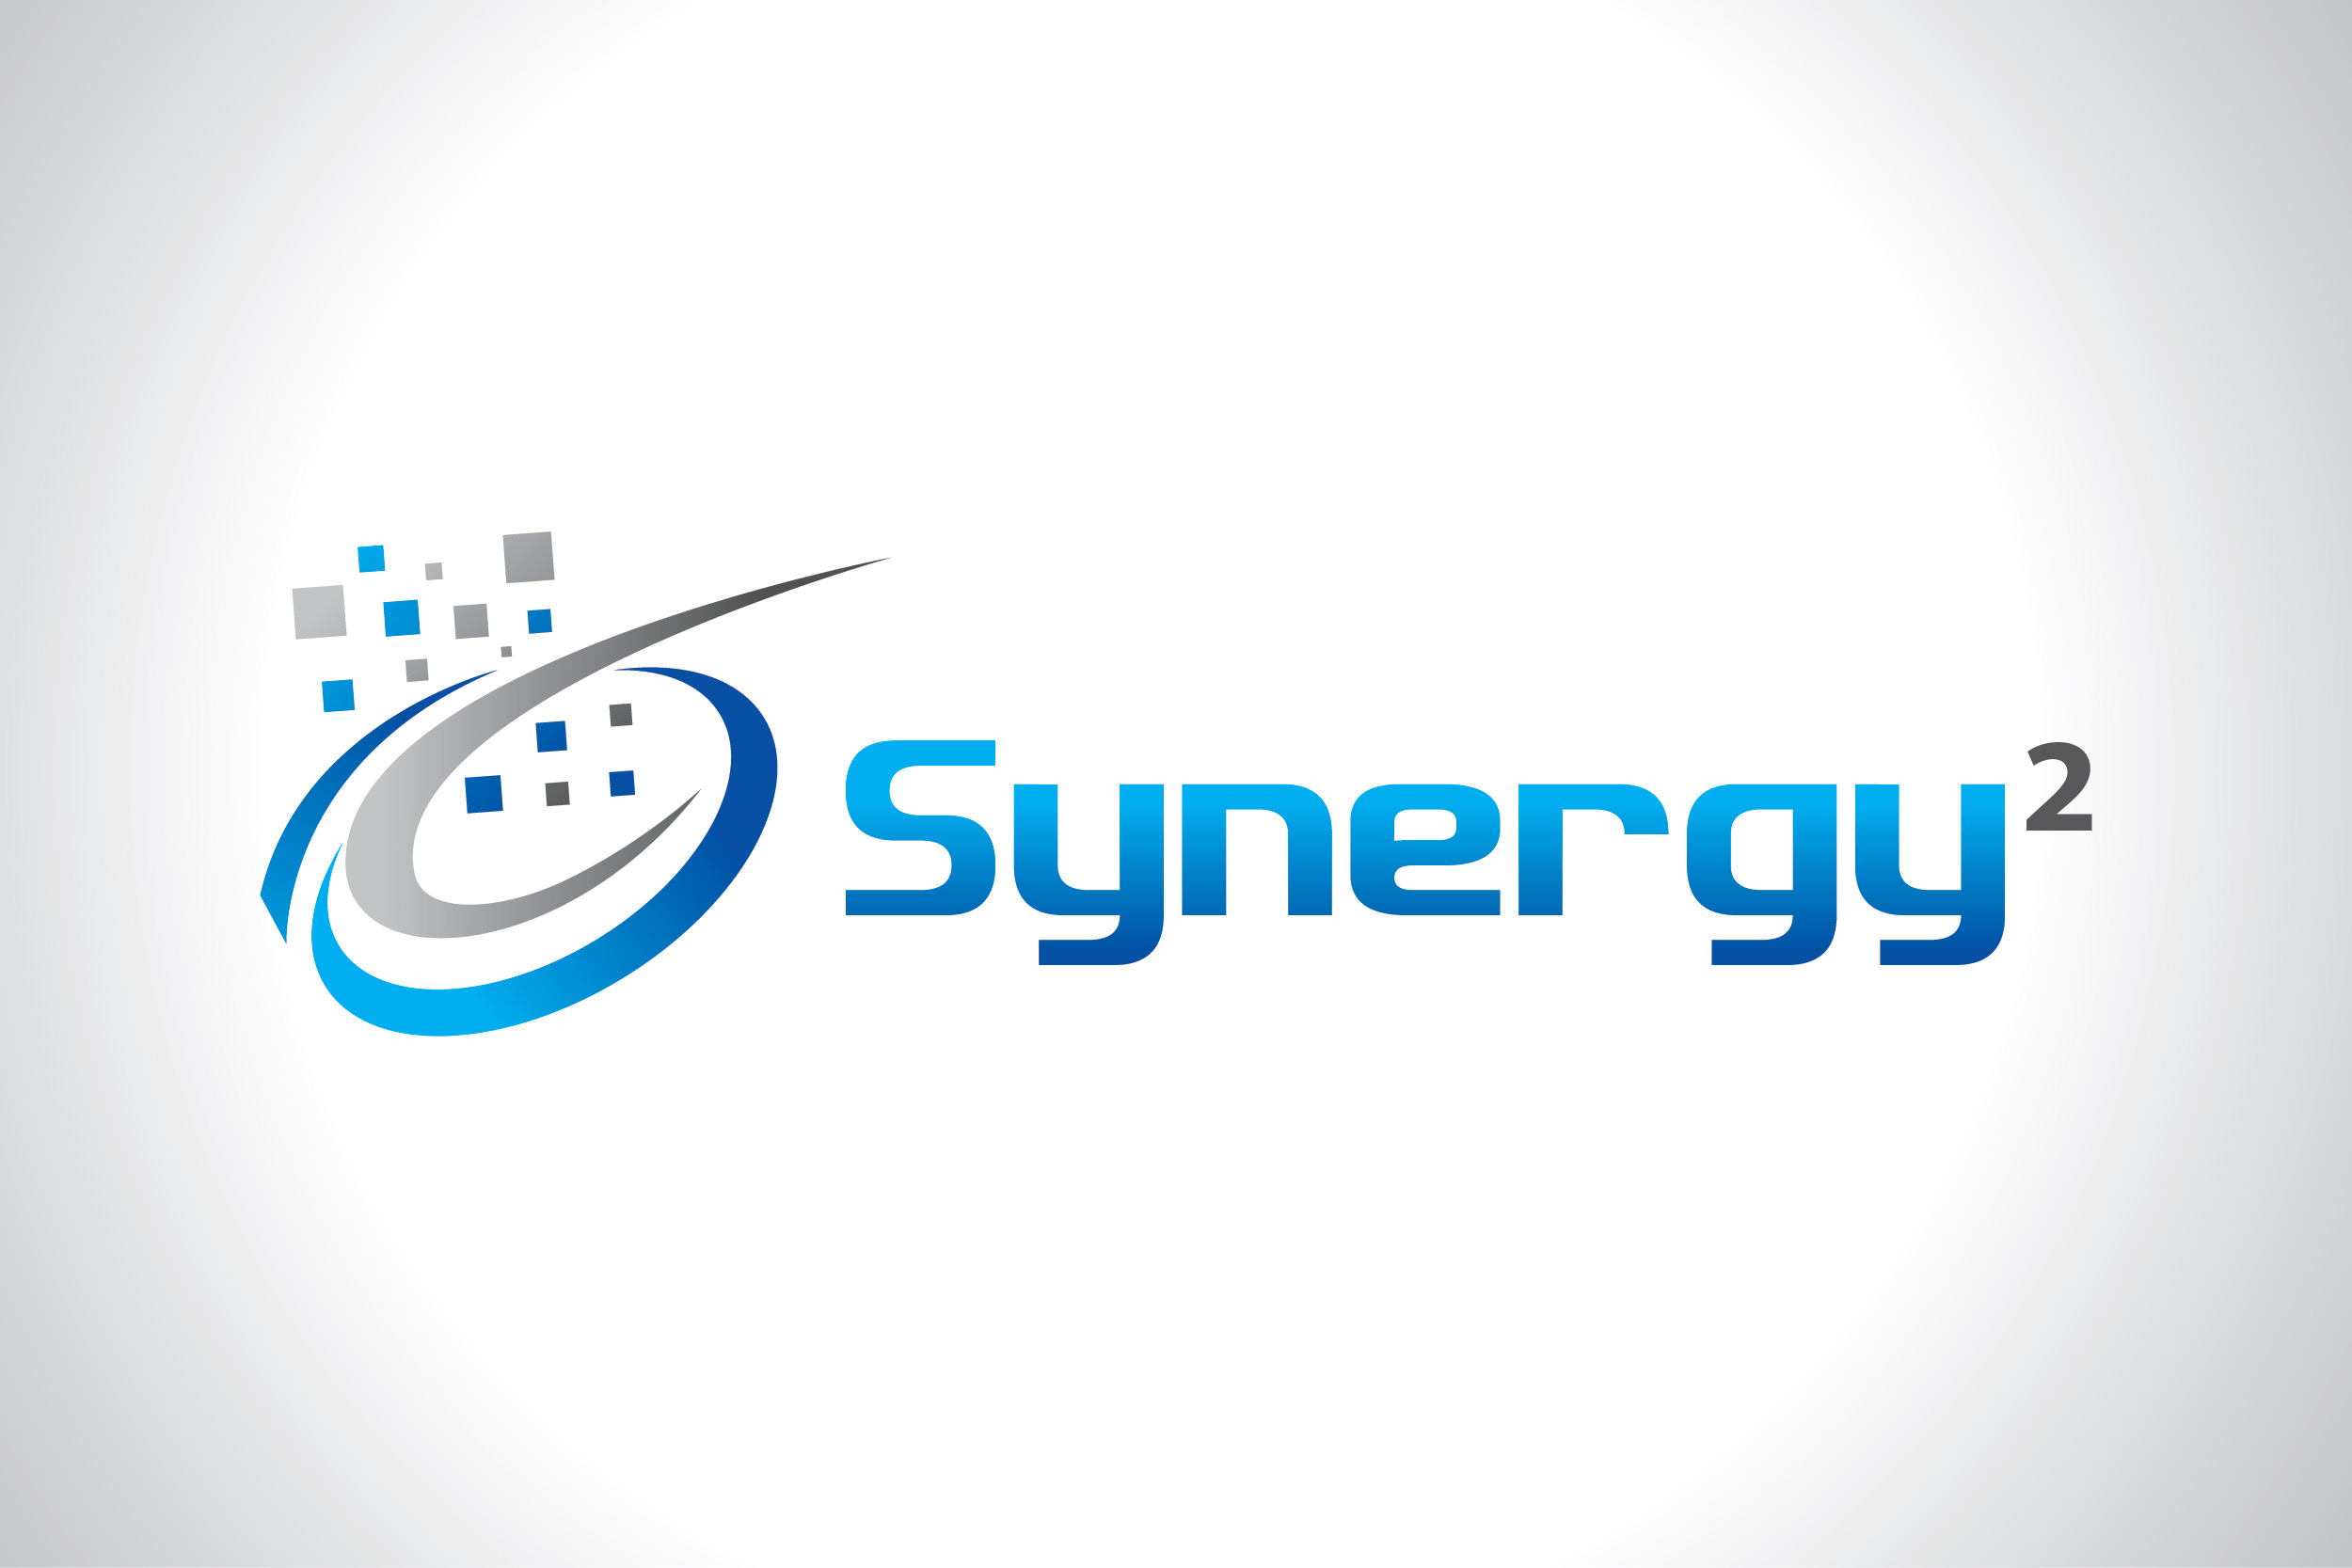 Synergy²